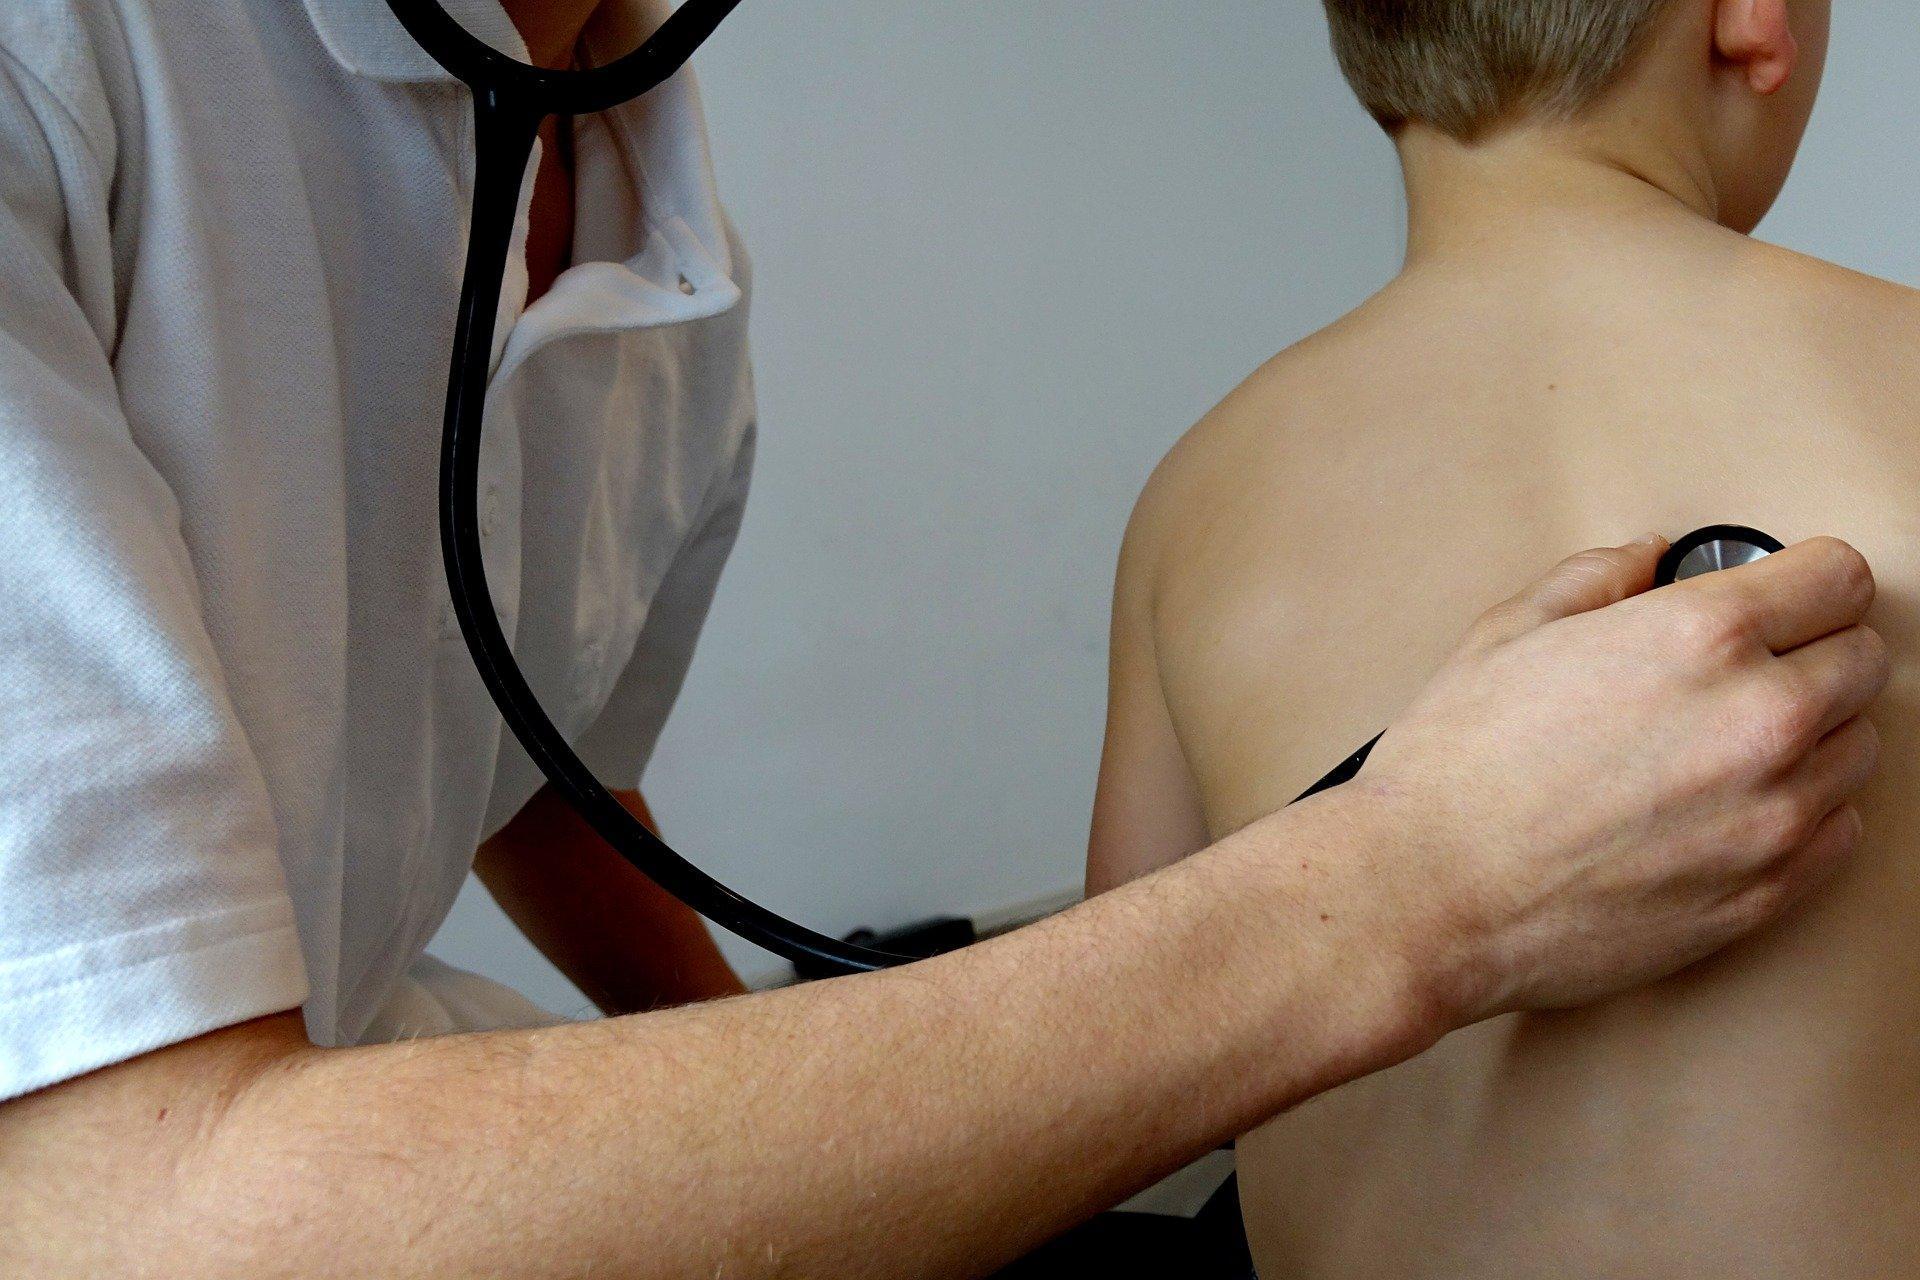 Мясников назвал симптомы CoViD-19, требующие срочного обращения к врачу